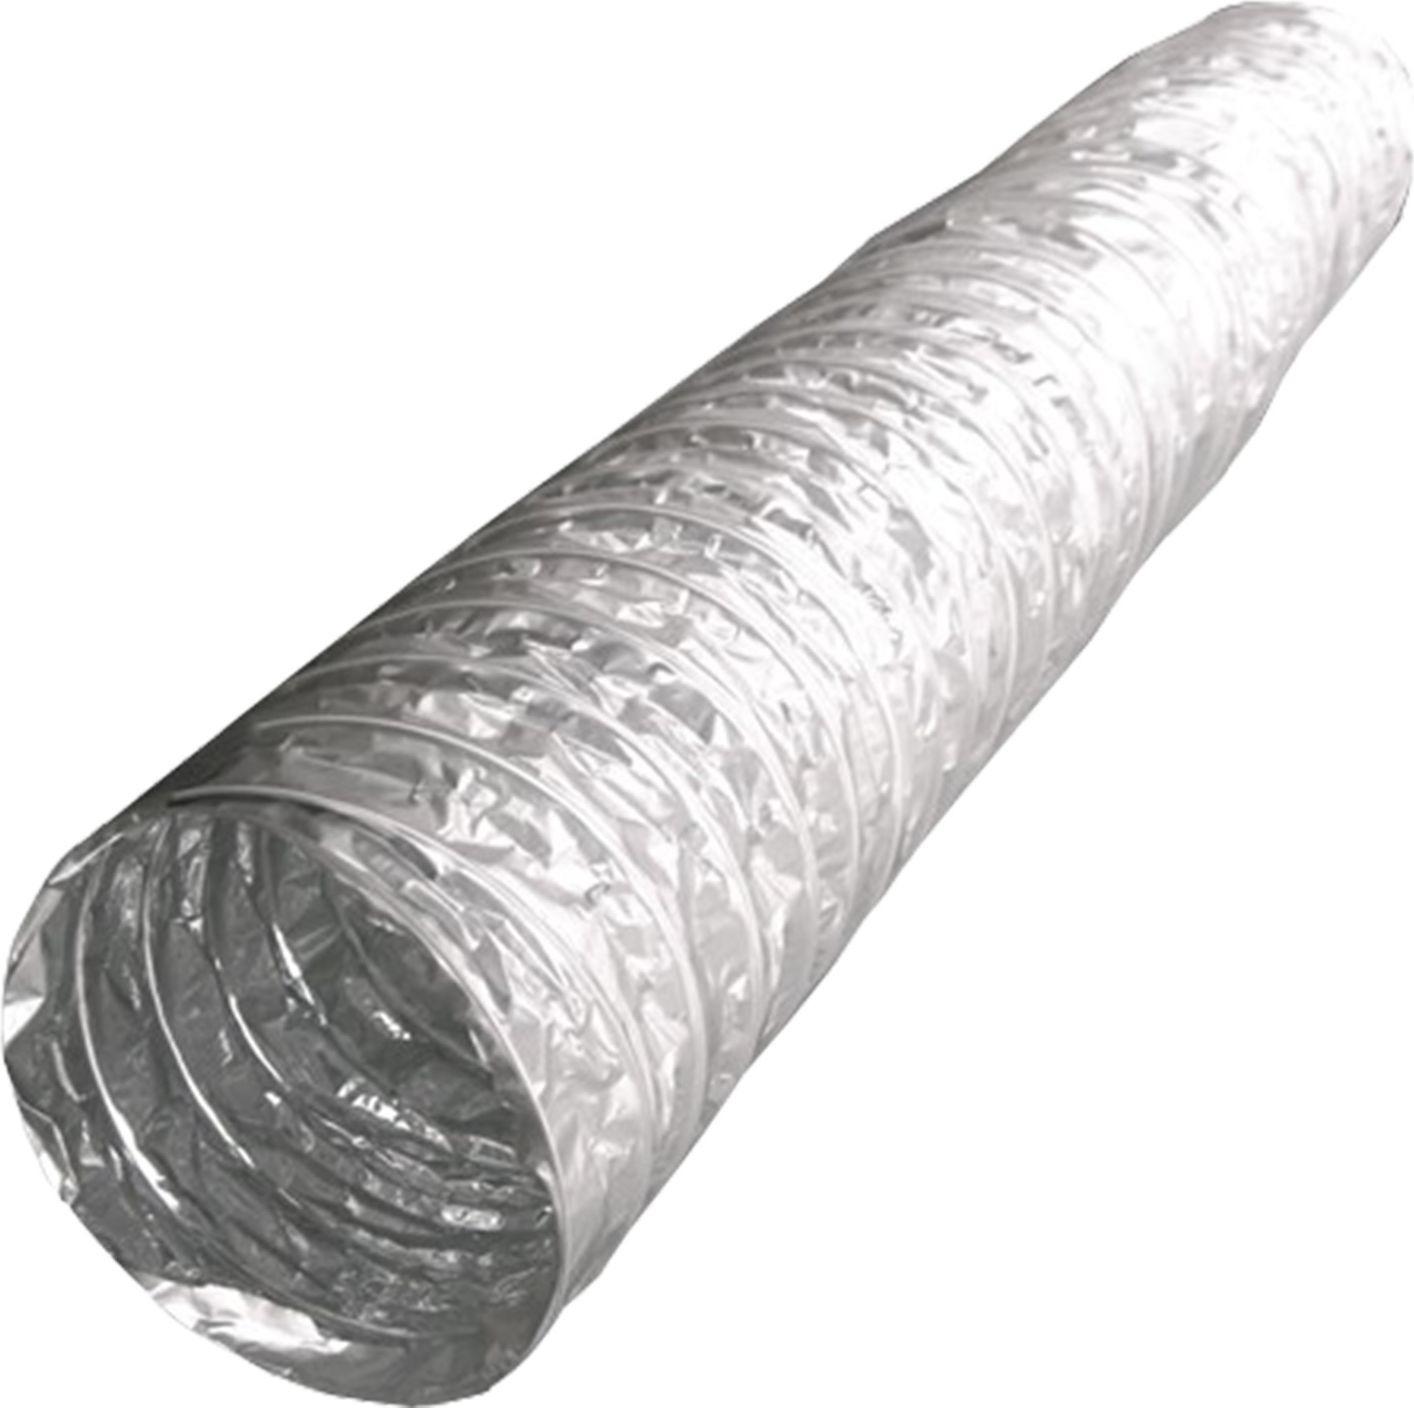 Фото - Гибкий воздуховод ERA, AF254, металл, армированный, длина до 10 м воздуховод ванвент впа 125 гибкий алюминиевый 3м